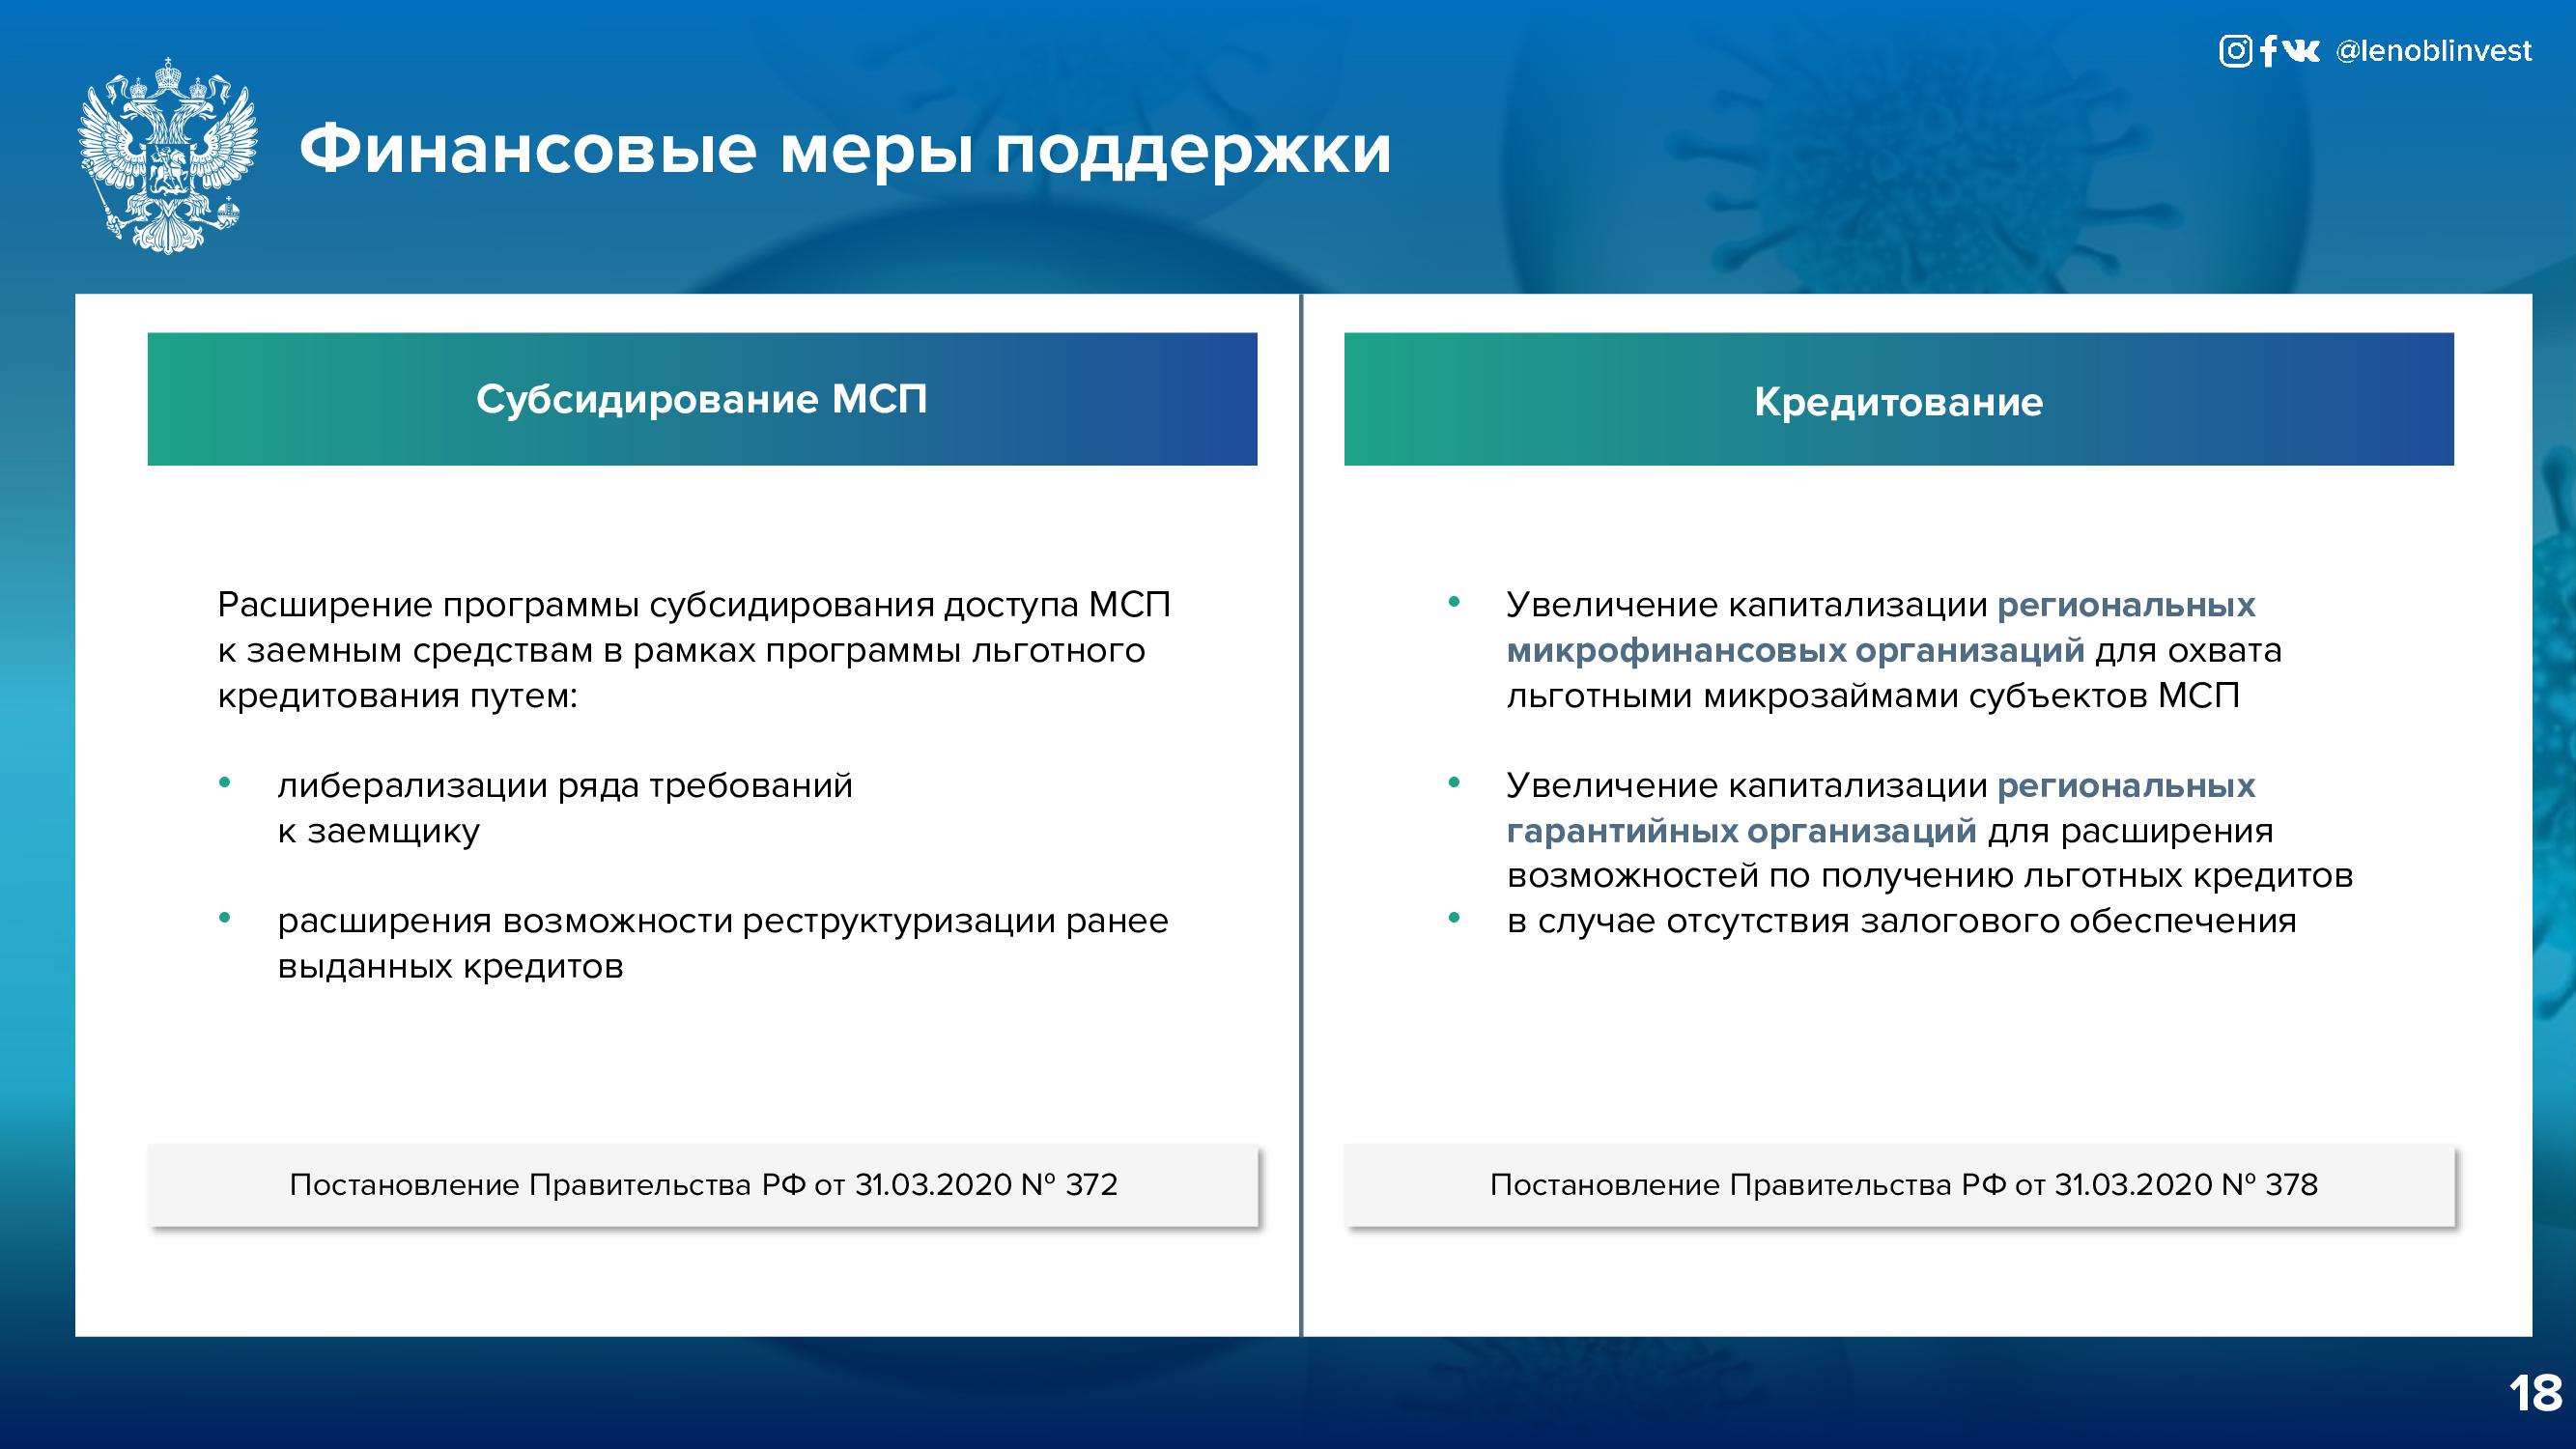 Региональные и федеральные меры поддержки_page-0018.jpg